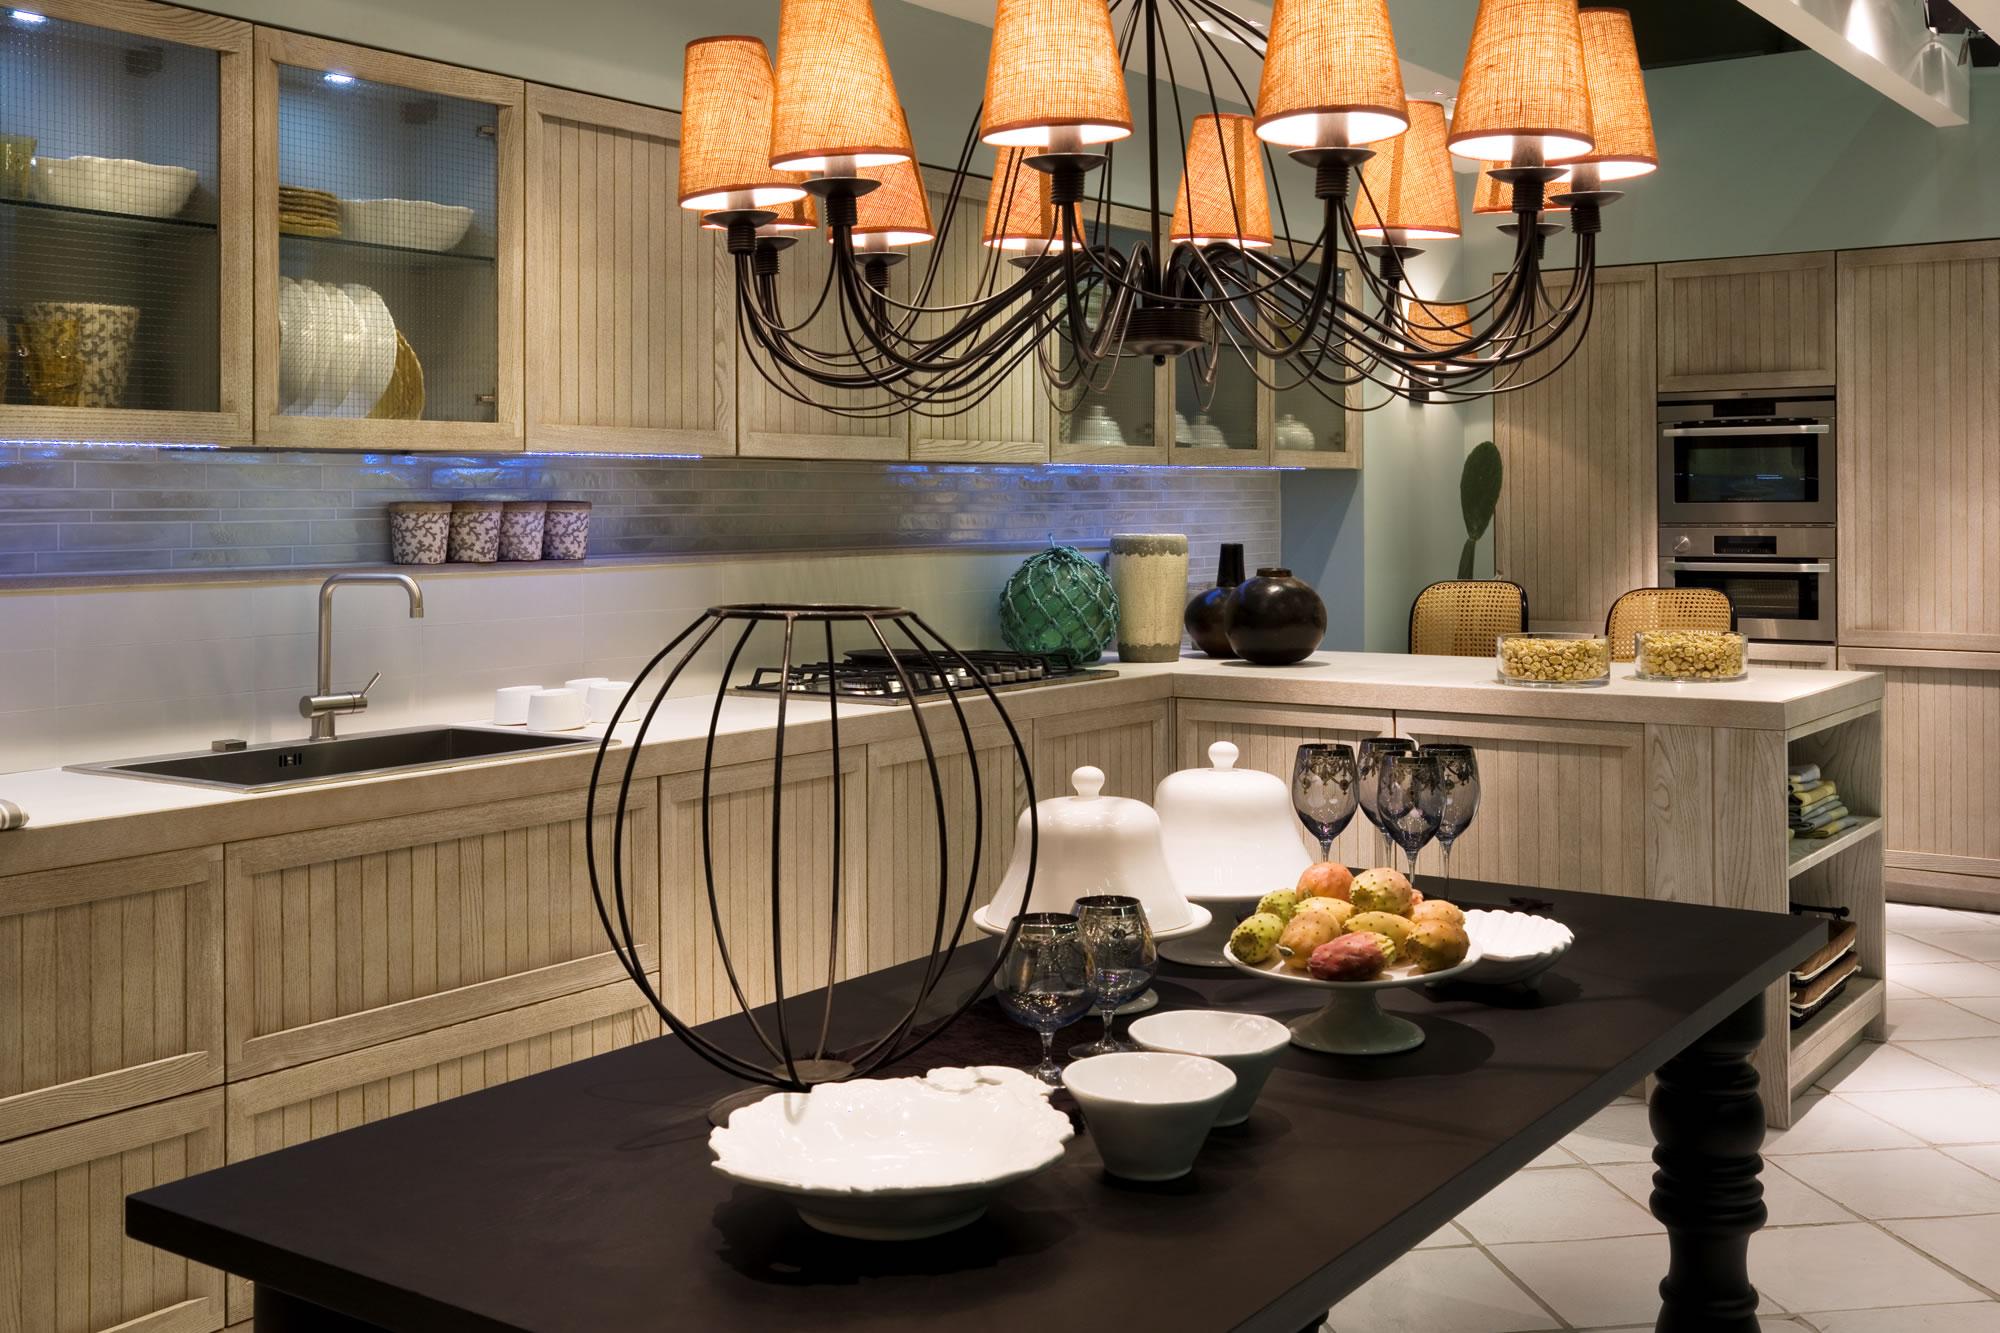 Cucine country chic stile moderno componibili in legno - Cucina muratura country ...